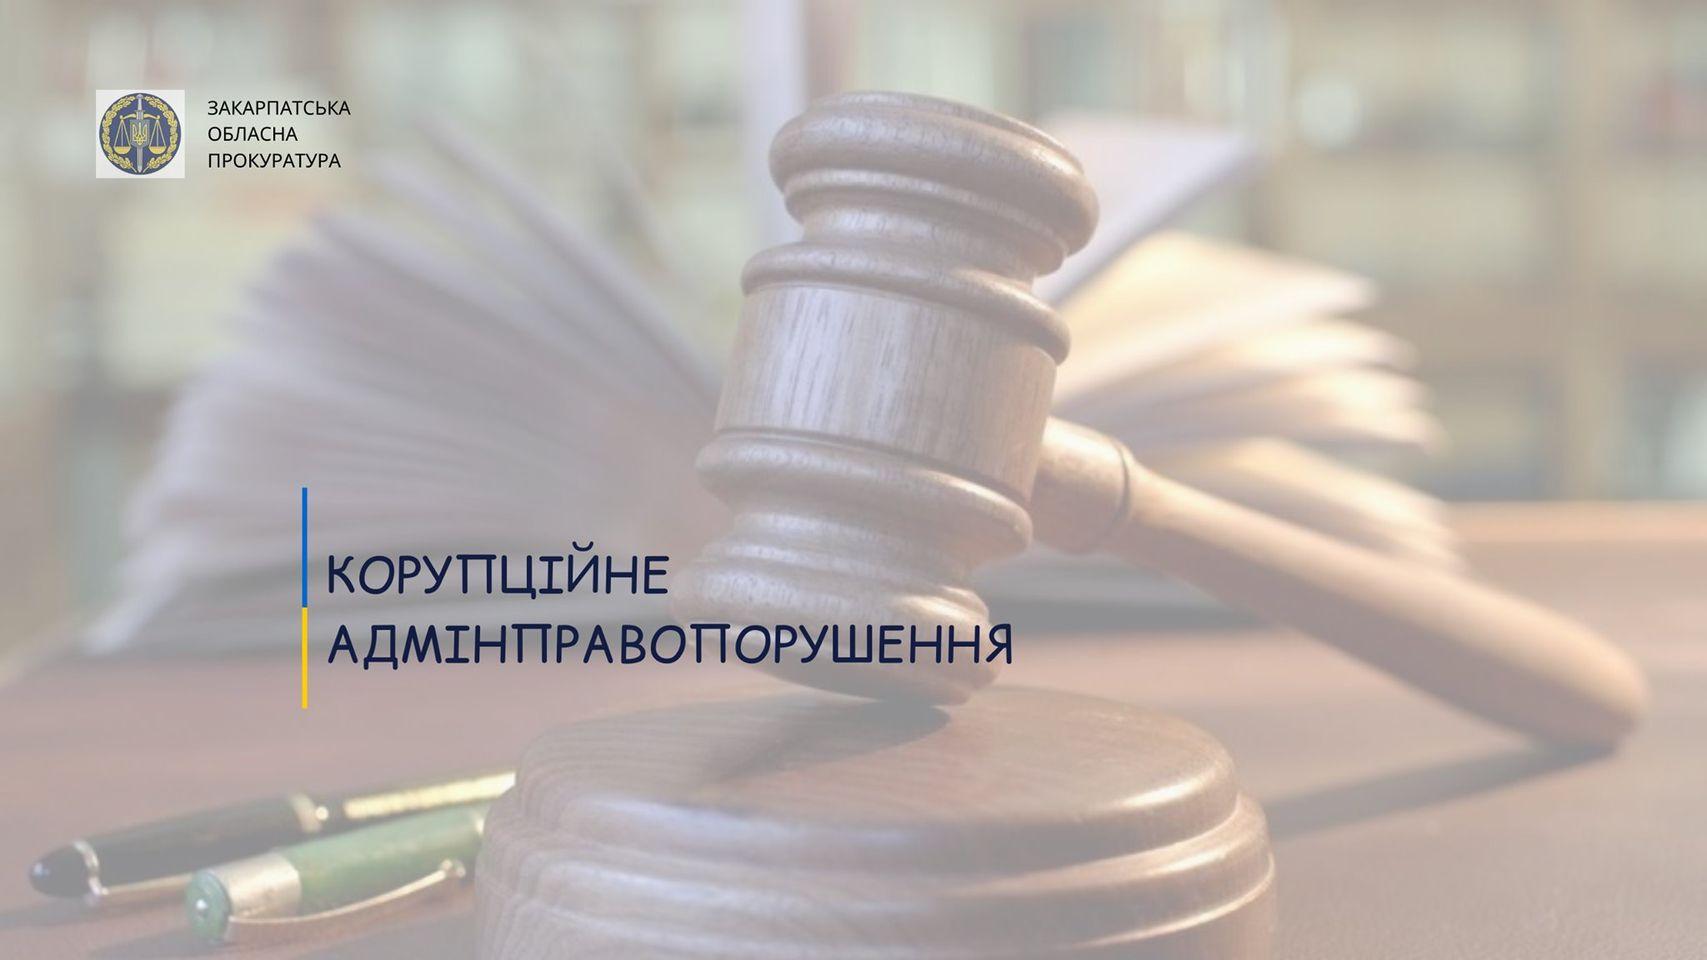 Вчинення корупційного адмінправопорушення: прокуратура довела вину начальника Берегівського міжрайонного управління водного господарства.